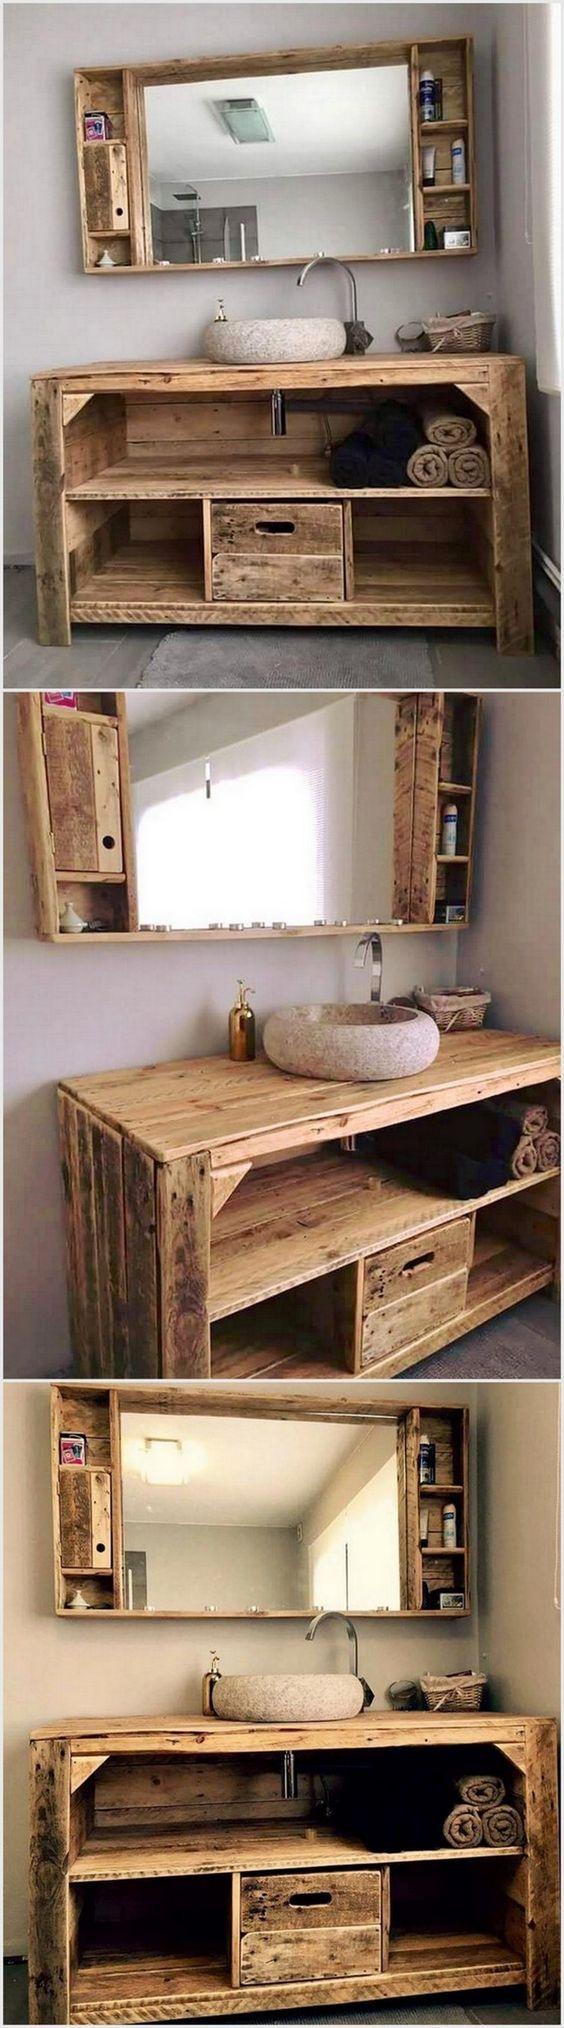 Mueble de ba o r stico aseos y ba os pinterest - Muebles de bano rustico ...